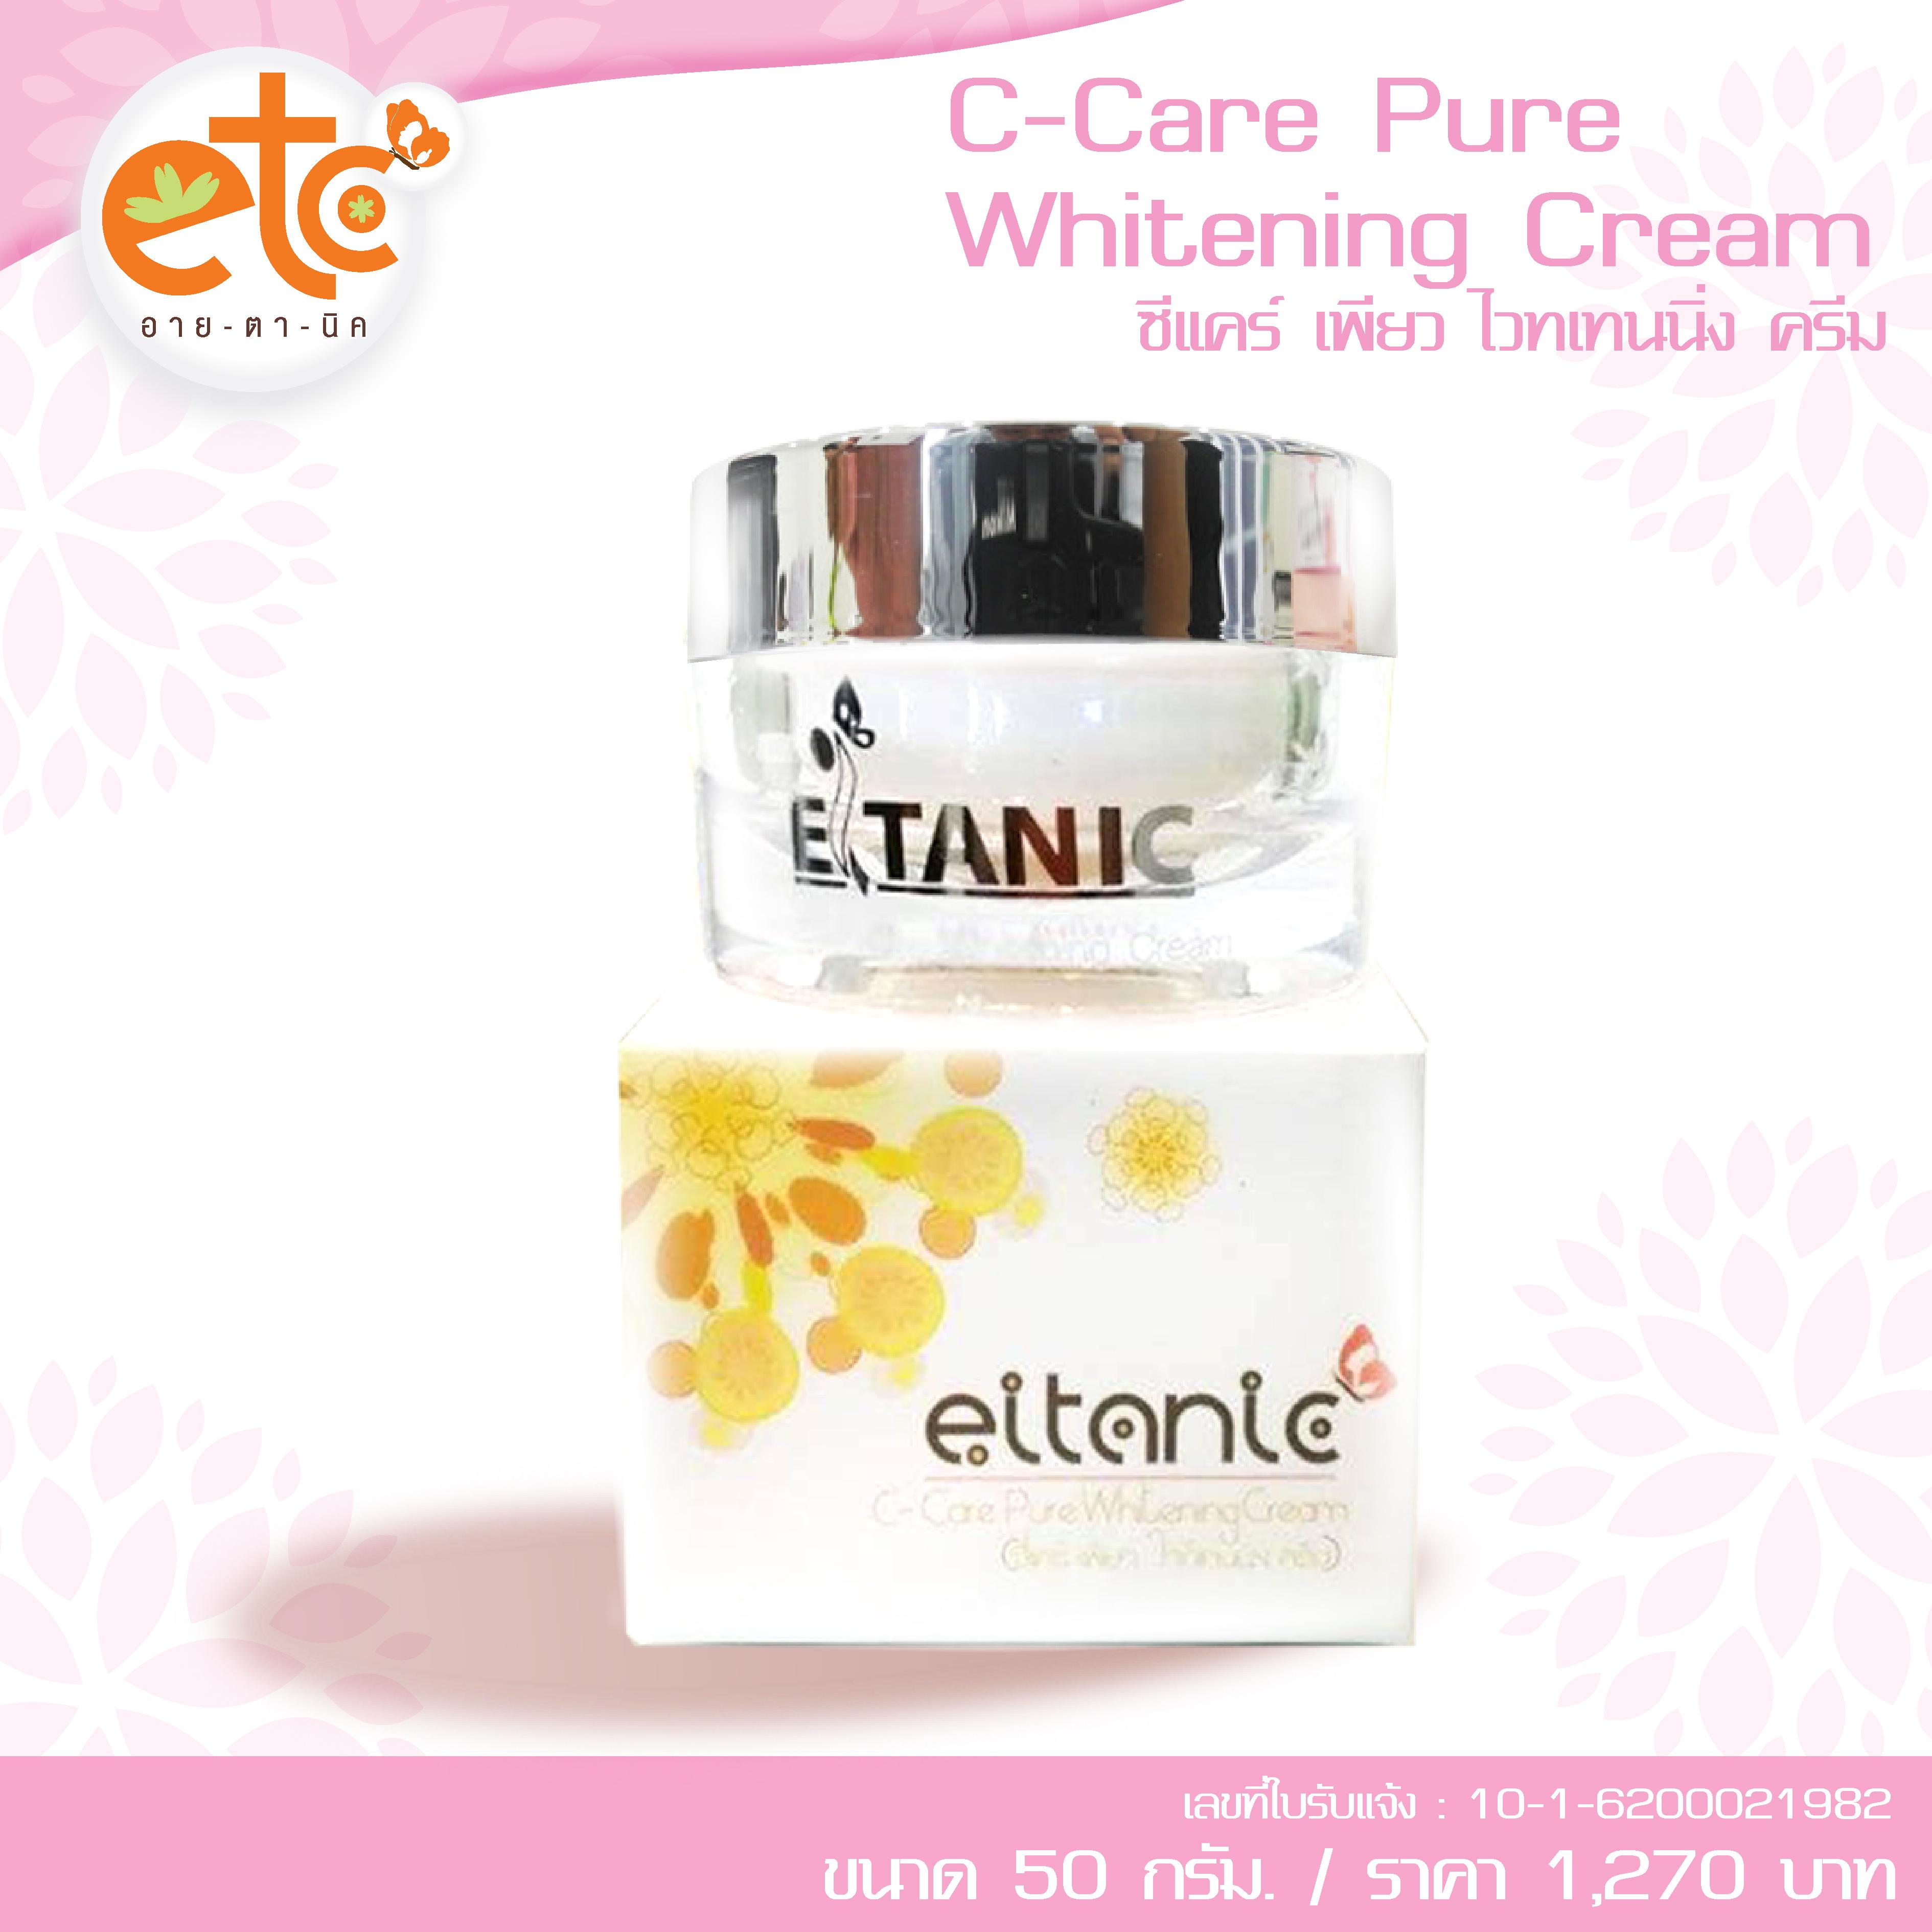 C-Care Pure Whitening Cream